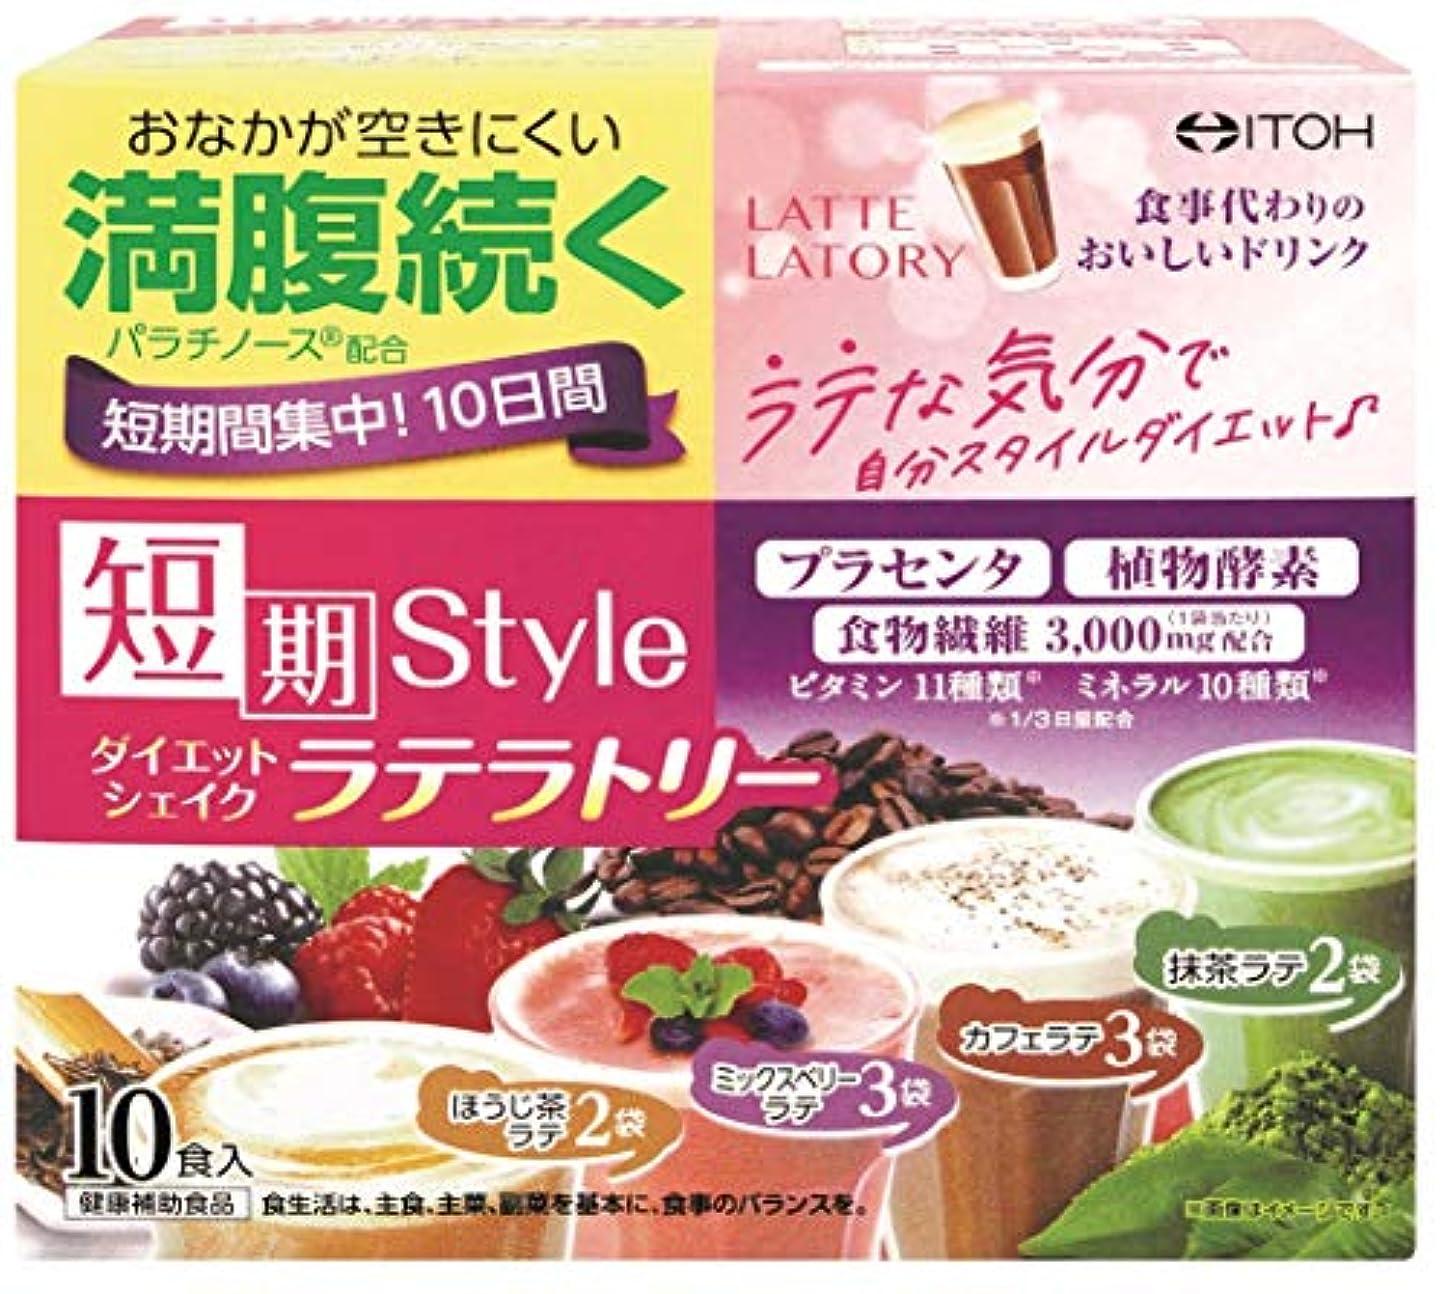 貧困エゴイズム多年生井藤漢方製薬 短期スタイルダイエットシェイク ラテラトリー 10食分 25g×10袋